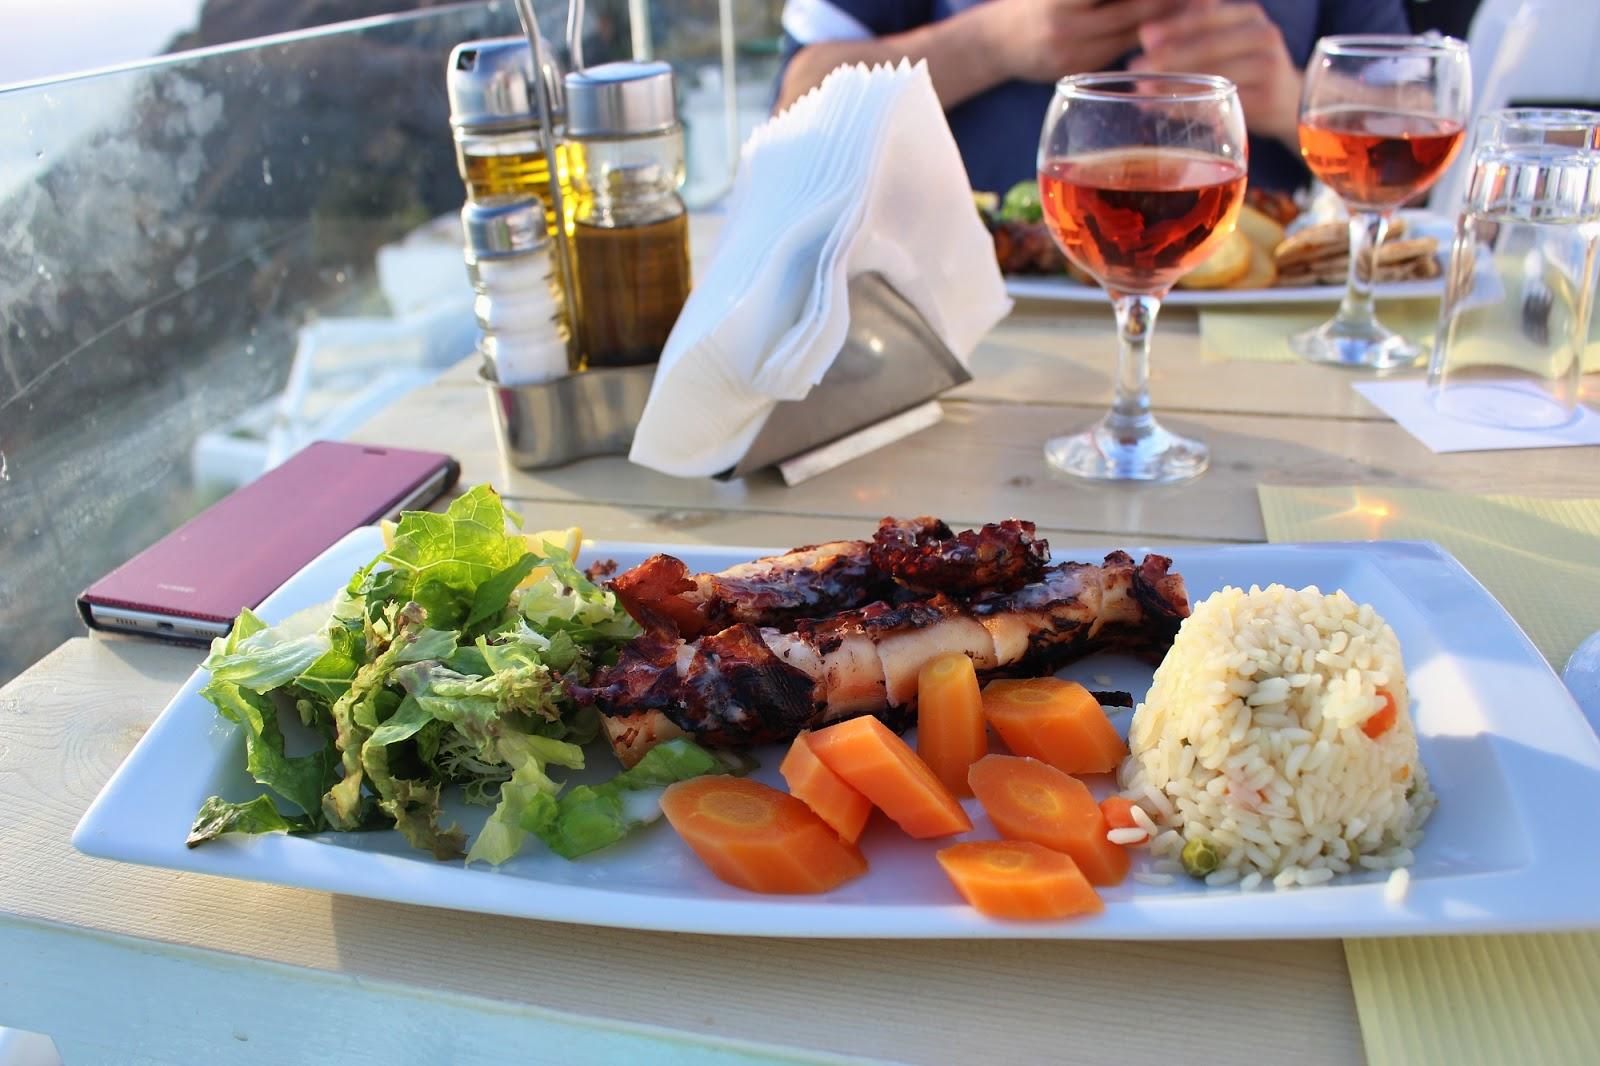 greece food, lucie srbová, česká blogerka, blogerka, santorini